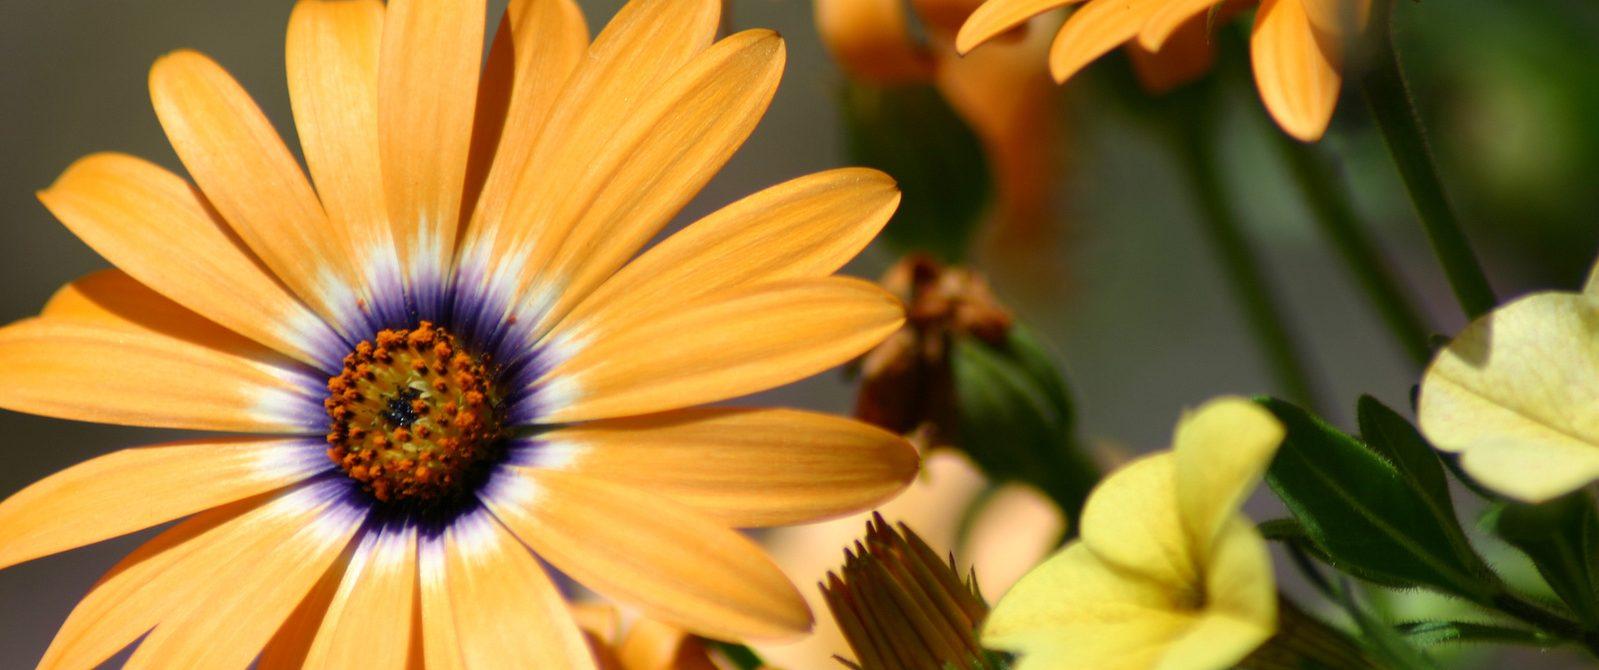 orange-flower-1532700-1599x1066